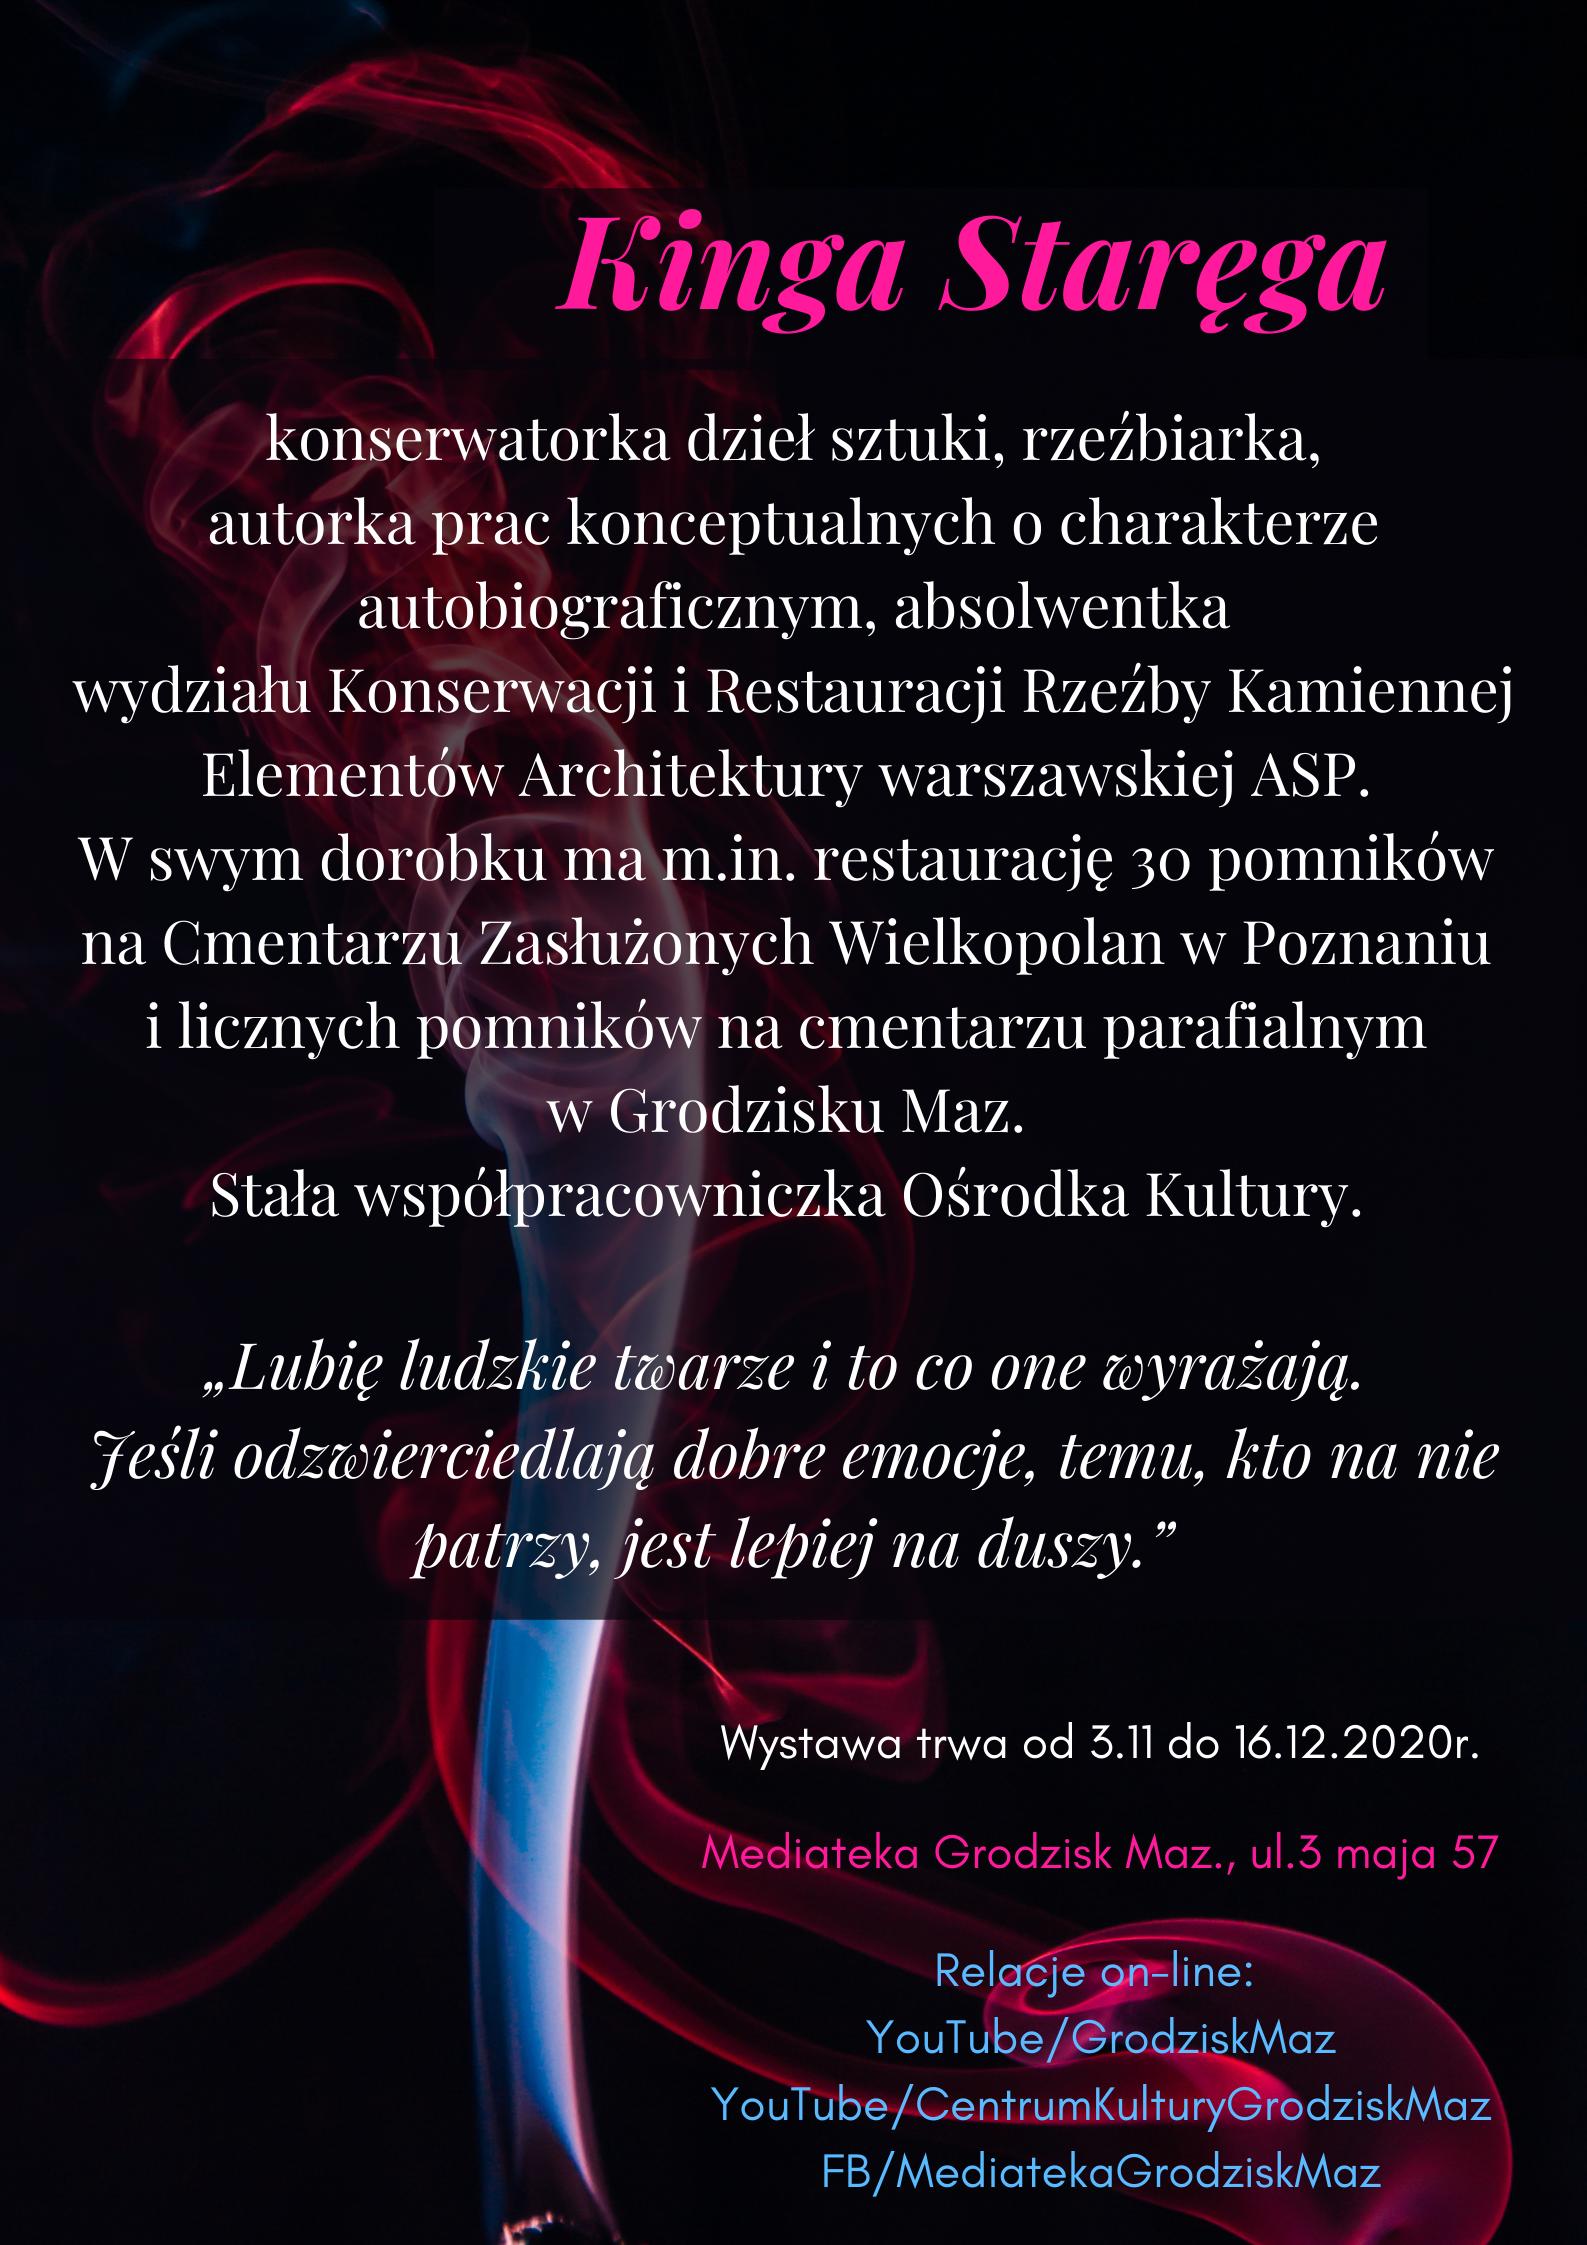 """""""To będzie na wieczność"""" wystawa pamięci grodziskich artystów – Kinga Staręga"""